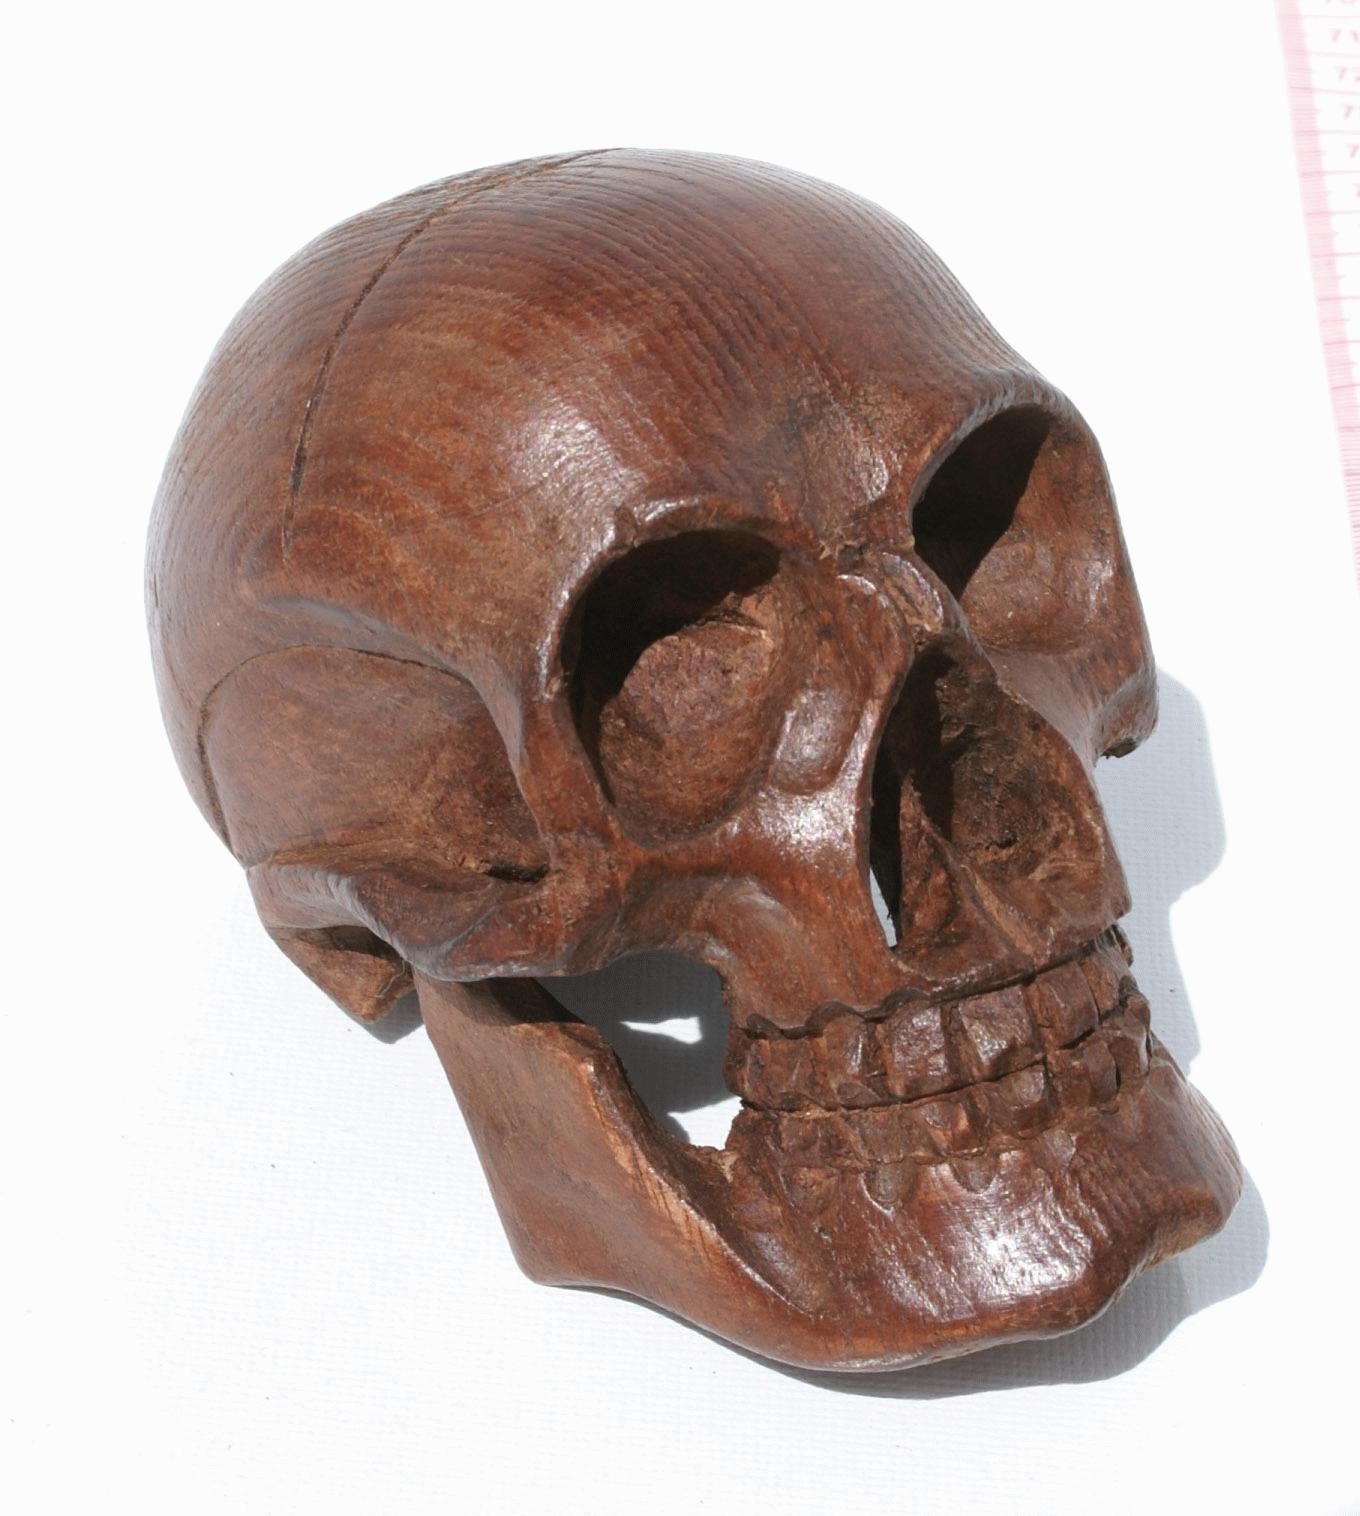 Wooden skull crafts from ecuador